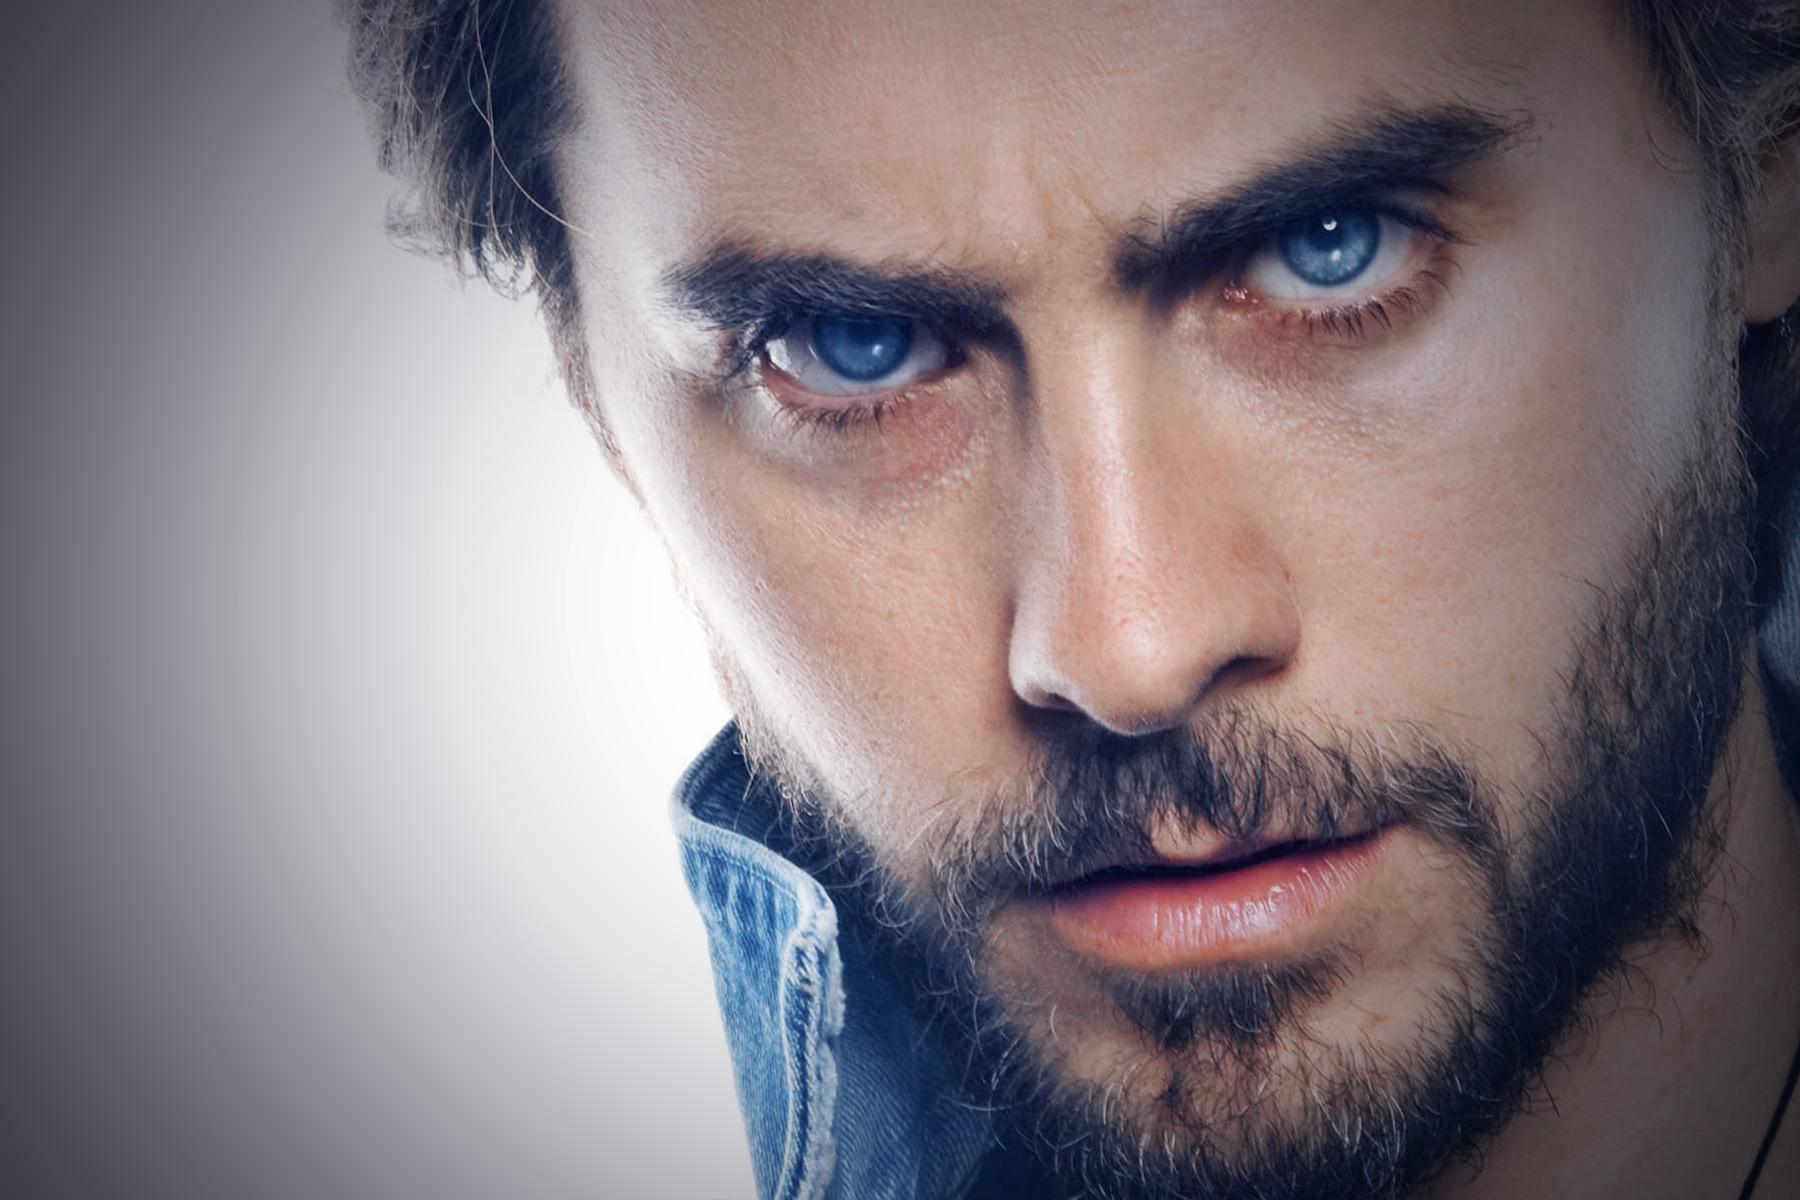 глаза фото мужчин голубые